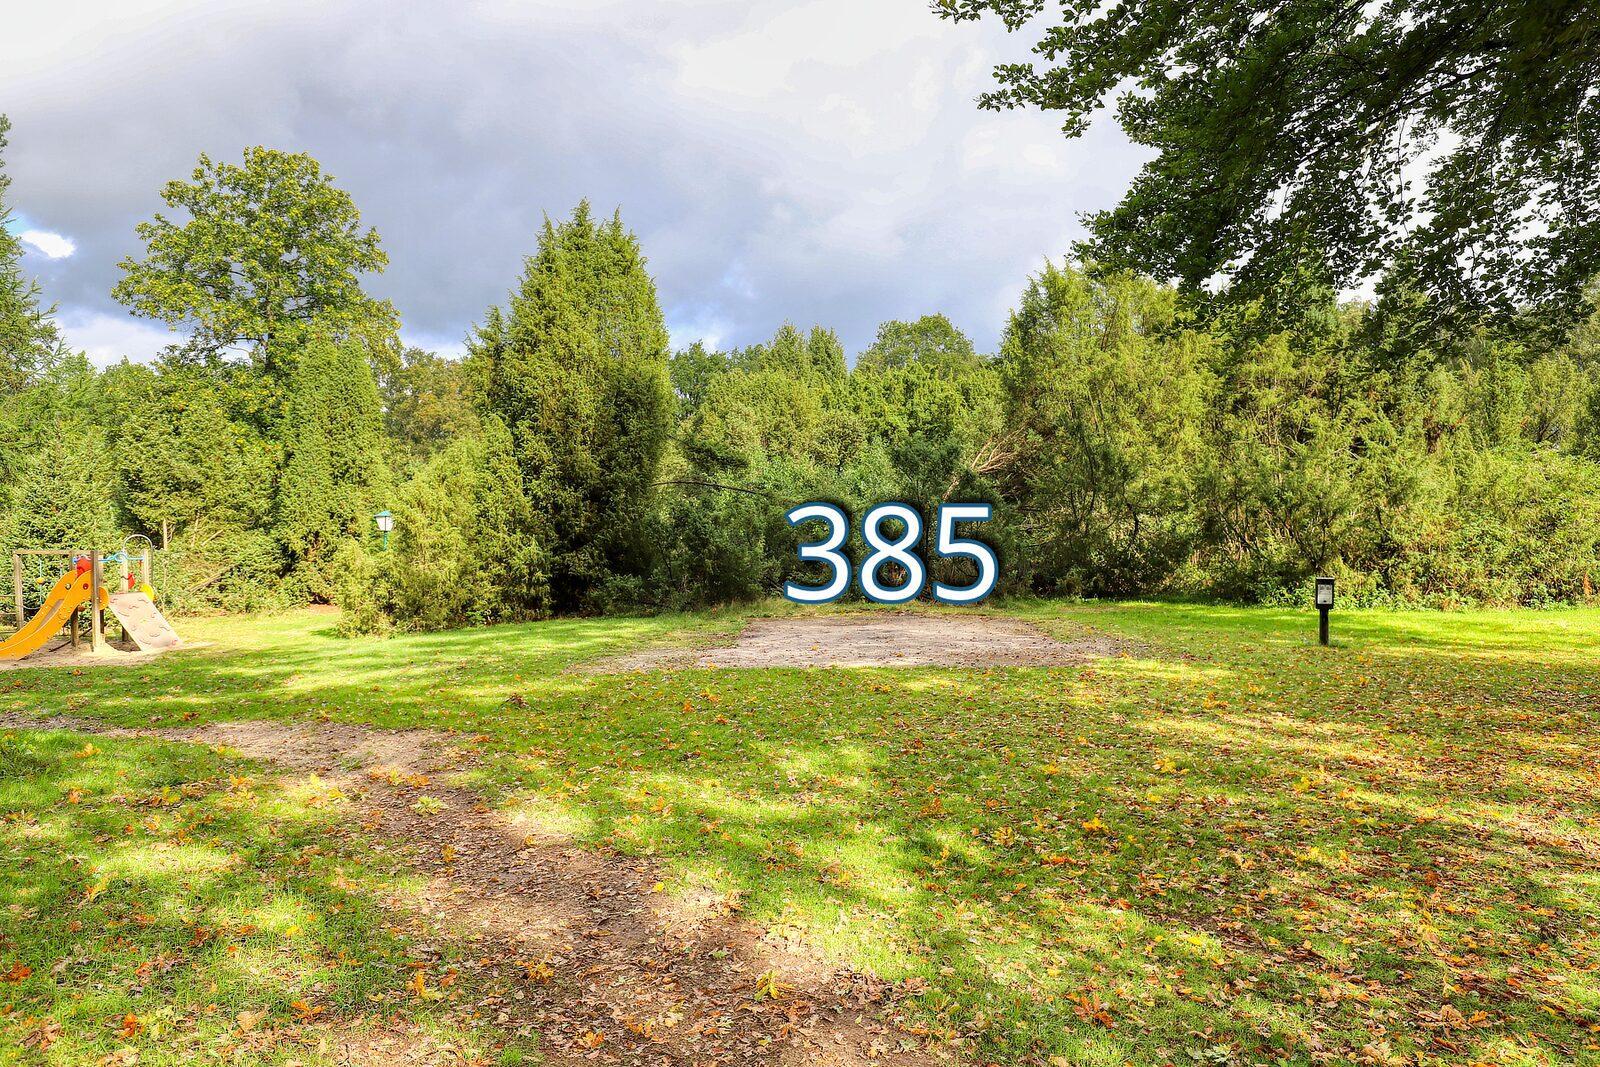 houtduif 385